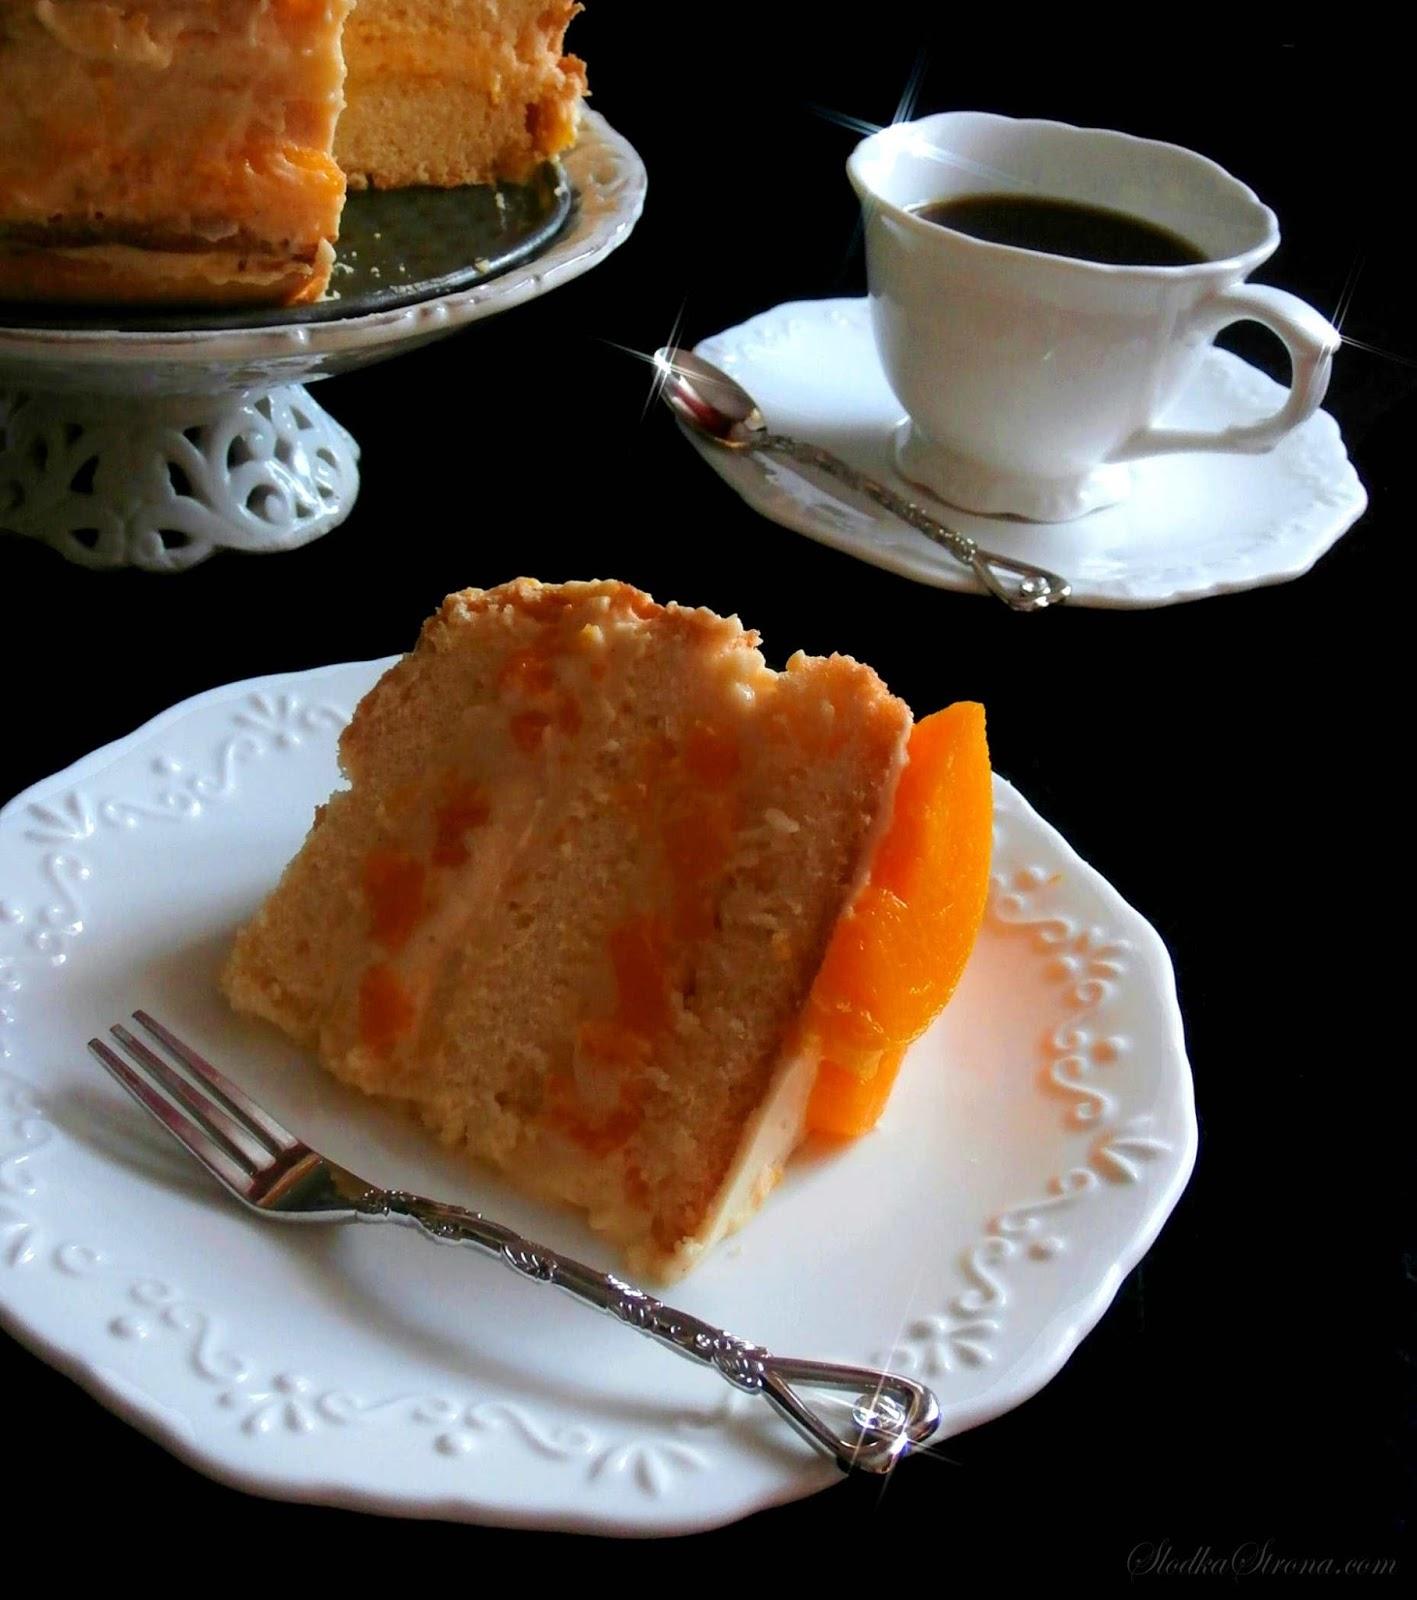 Tort Brzoskwiniowy z Masą Budyniowo-Maślaną oraz Kremem Budyniowo-Śmietanowym - Przepis - Słodka Strona